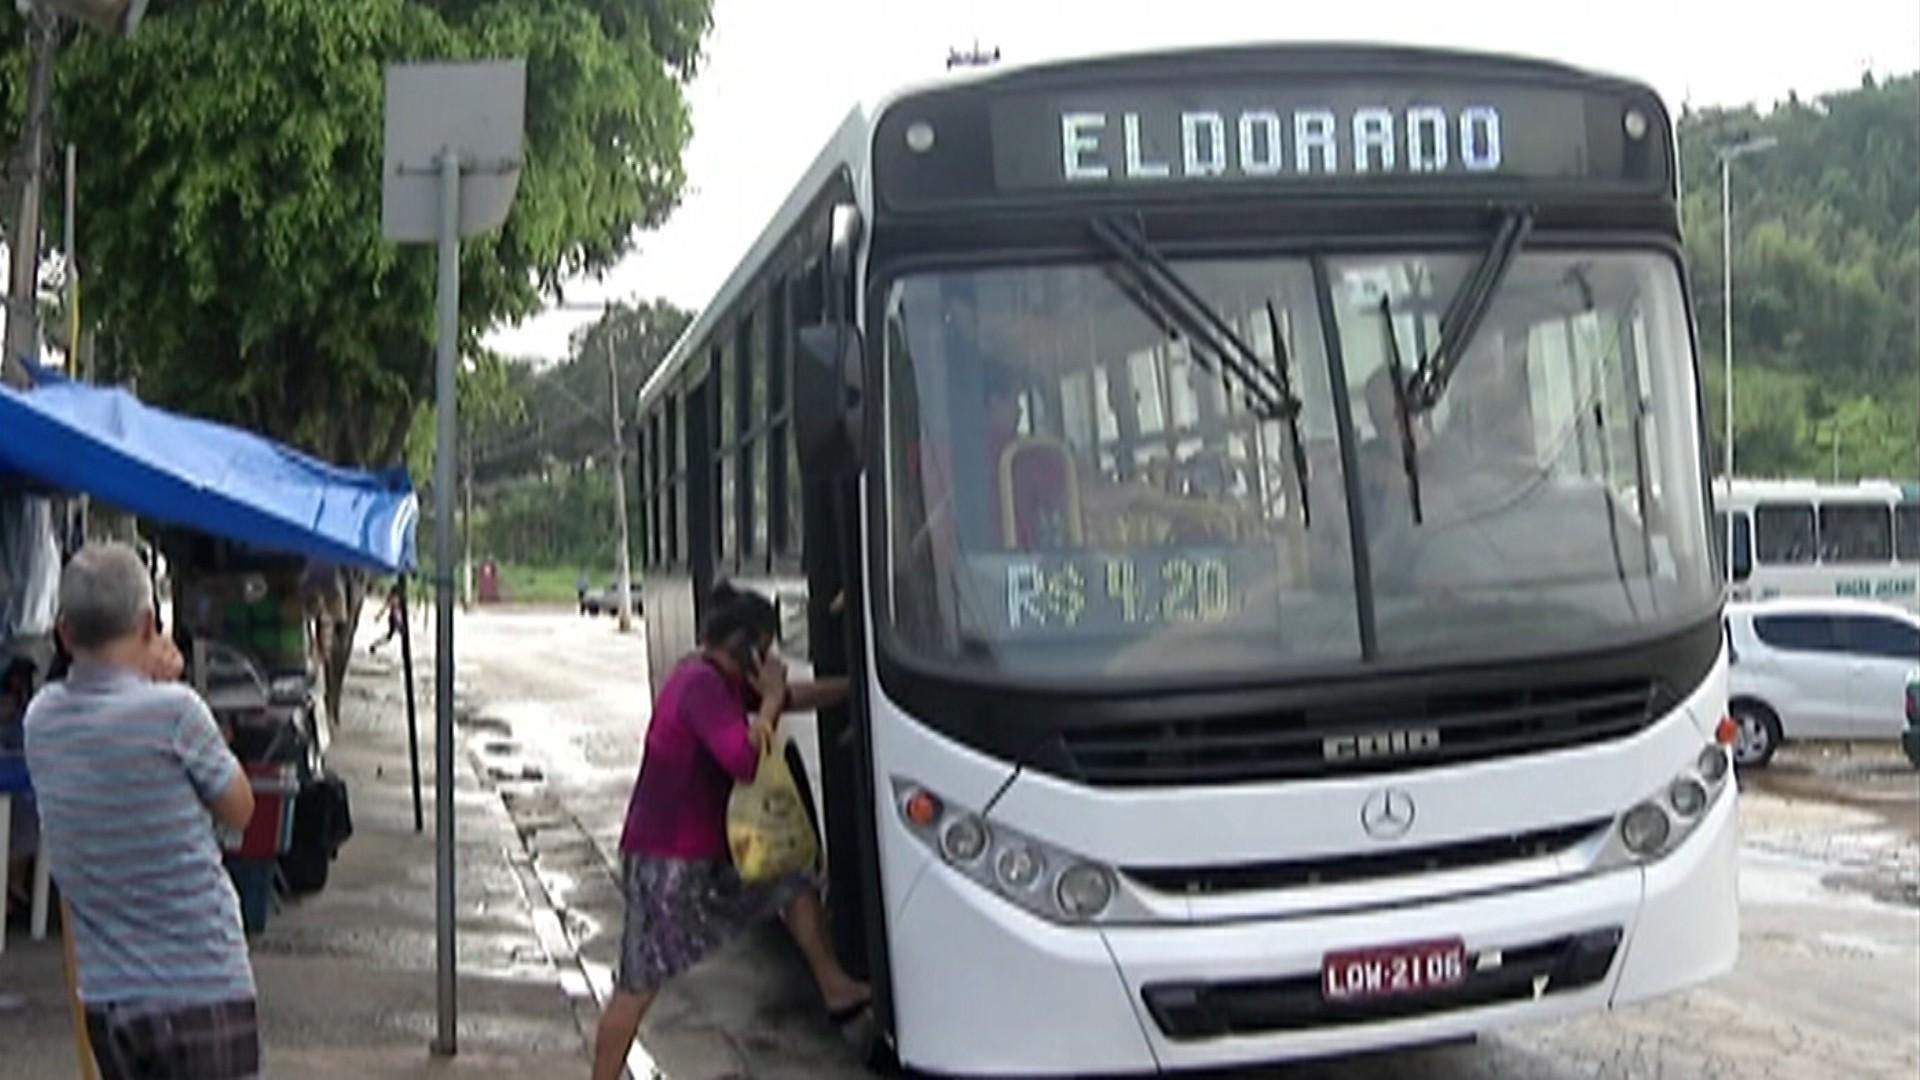 Passageiros de Santa Isabel aprovam mudança de empresa do transporte coletivo - Radio Evangelho Gospel